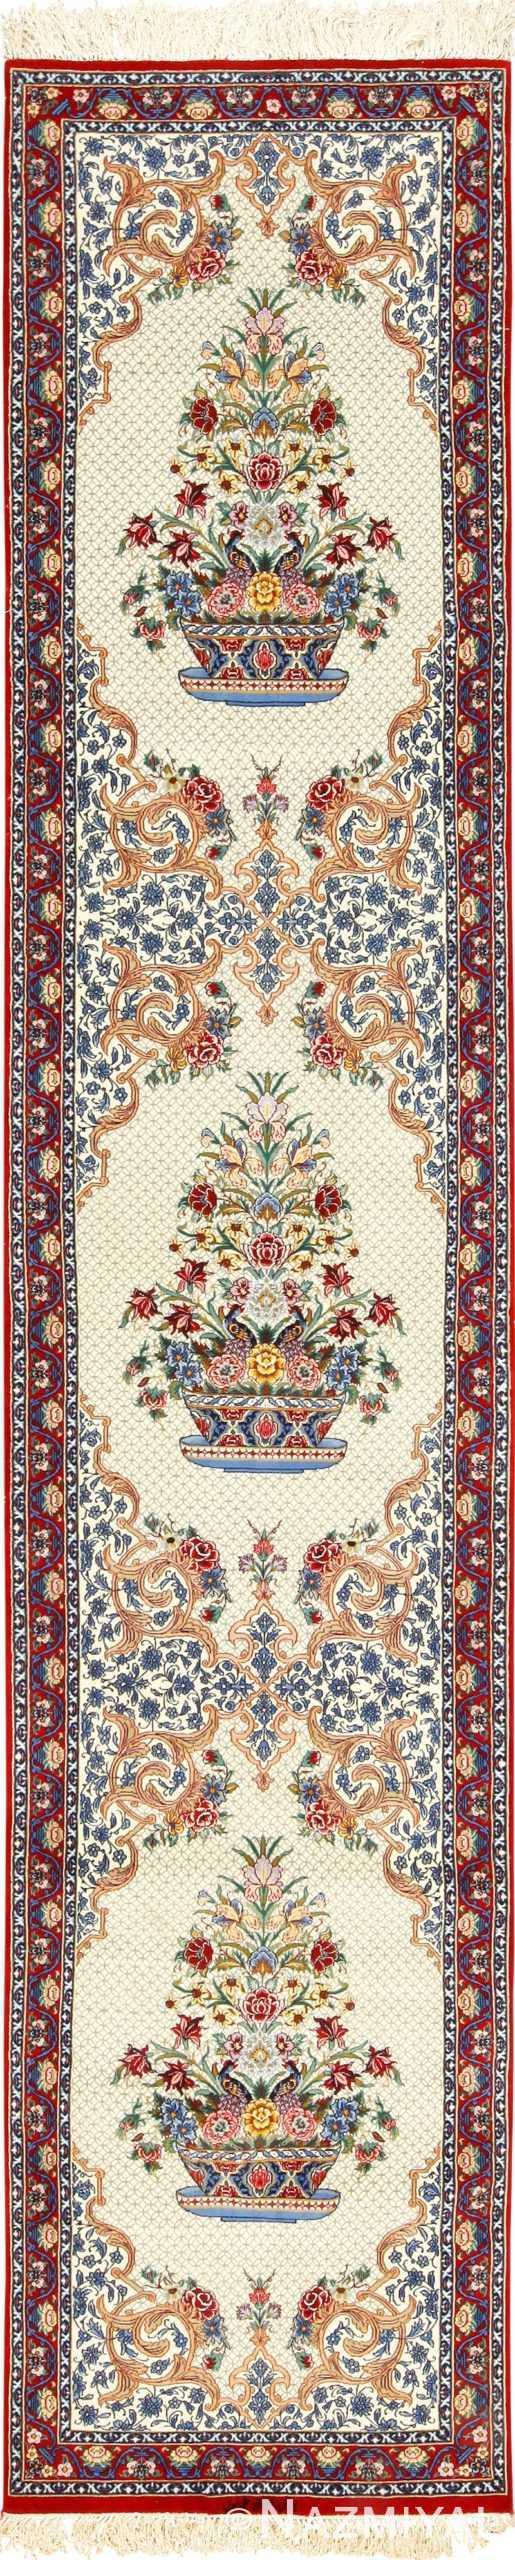 ivory silk modern isfahan persian runner 49403 Nazmiyal